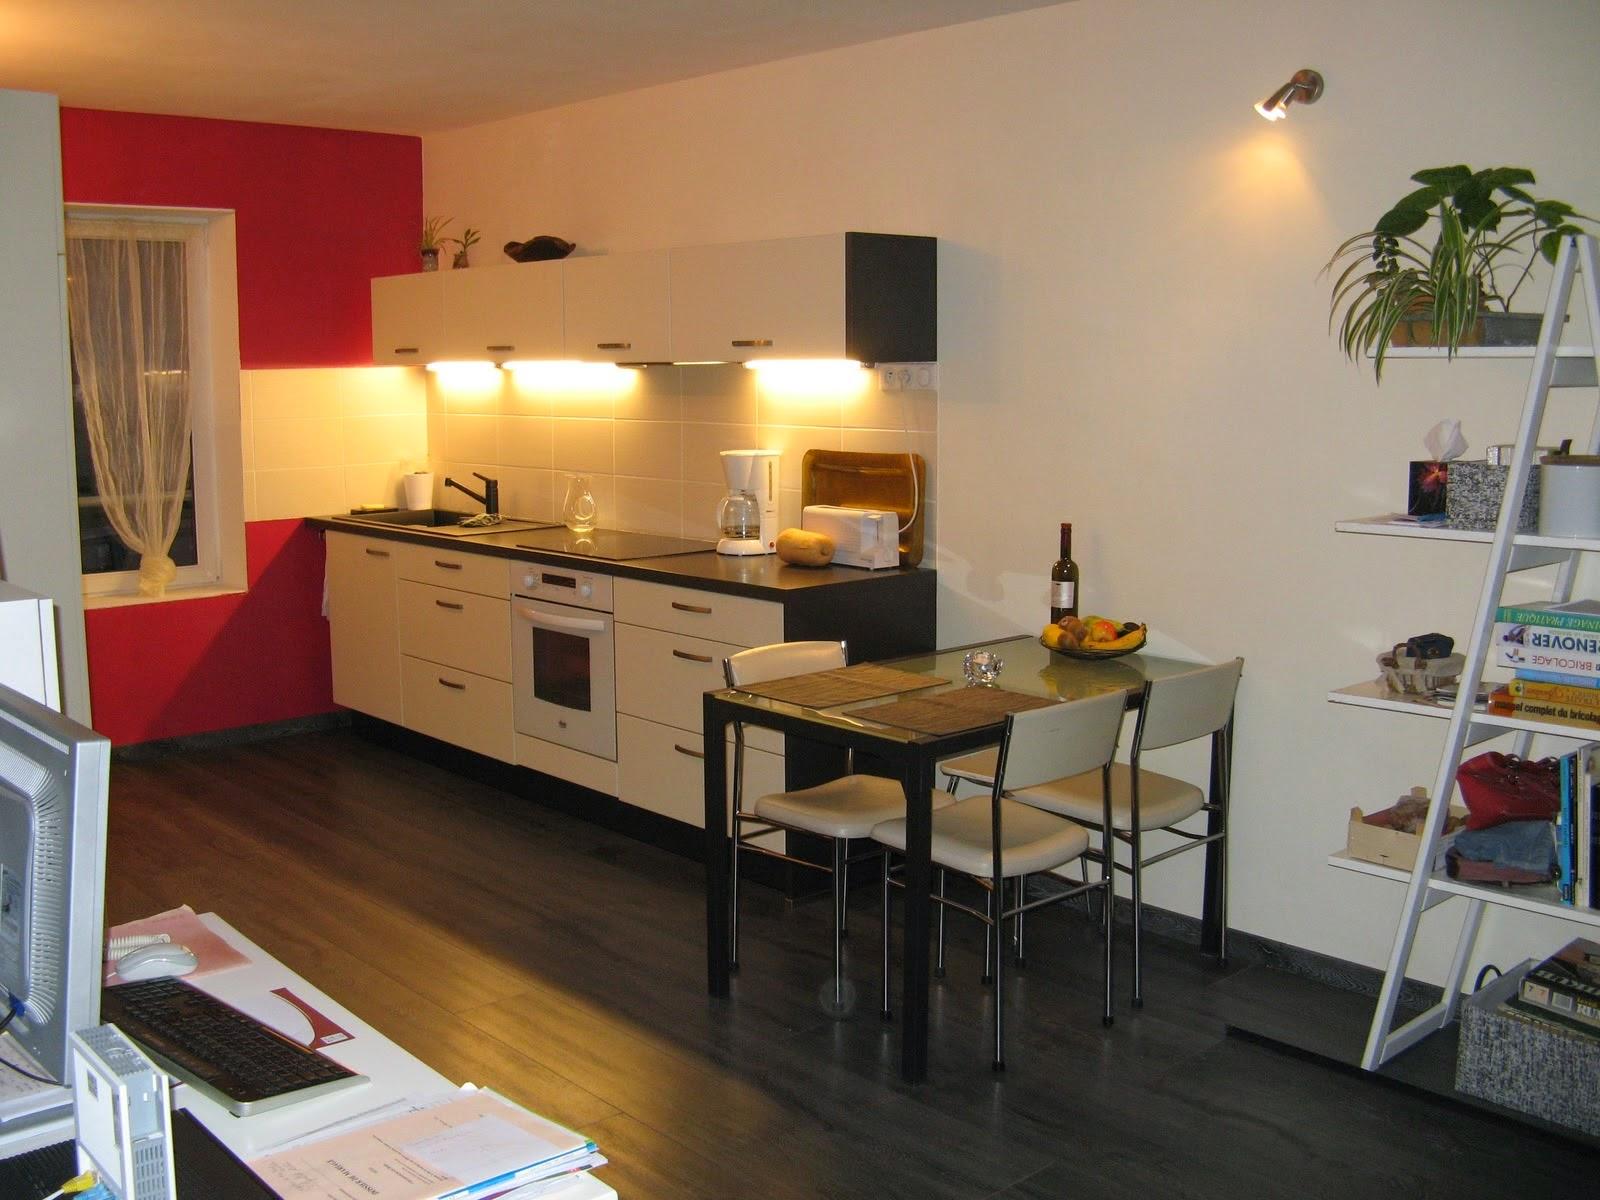 Travaux peinture cuisine paris